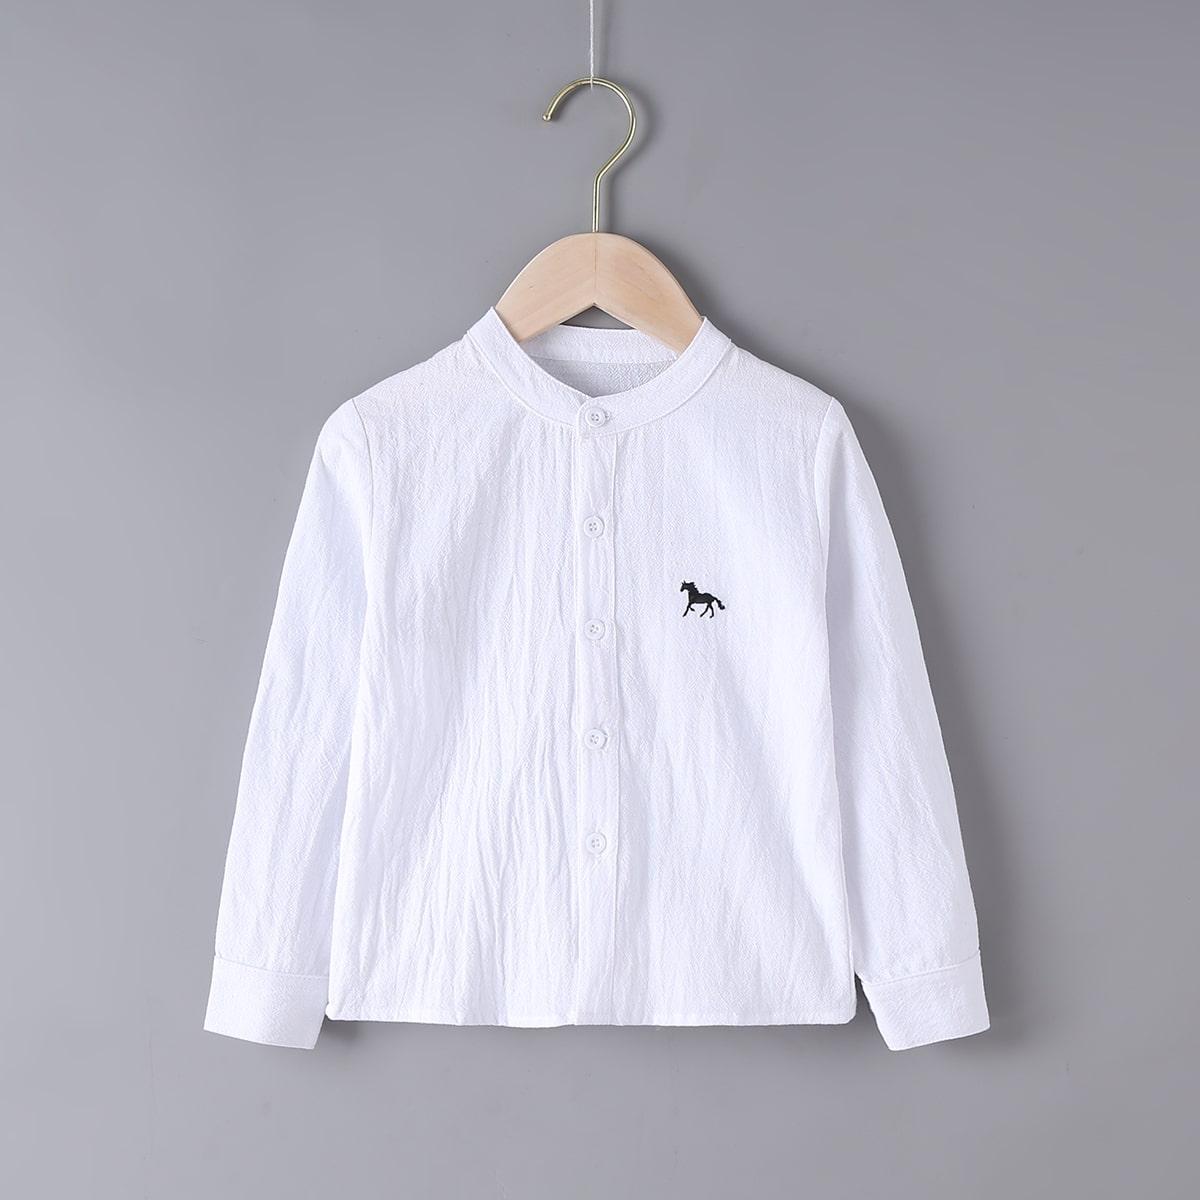 для мальчиков Рубашка с вышивкой лошади